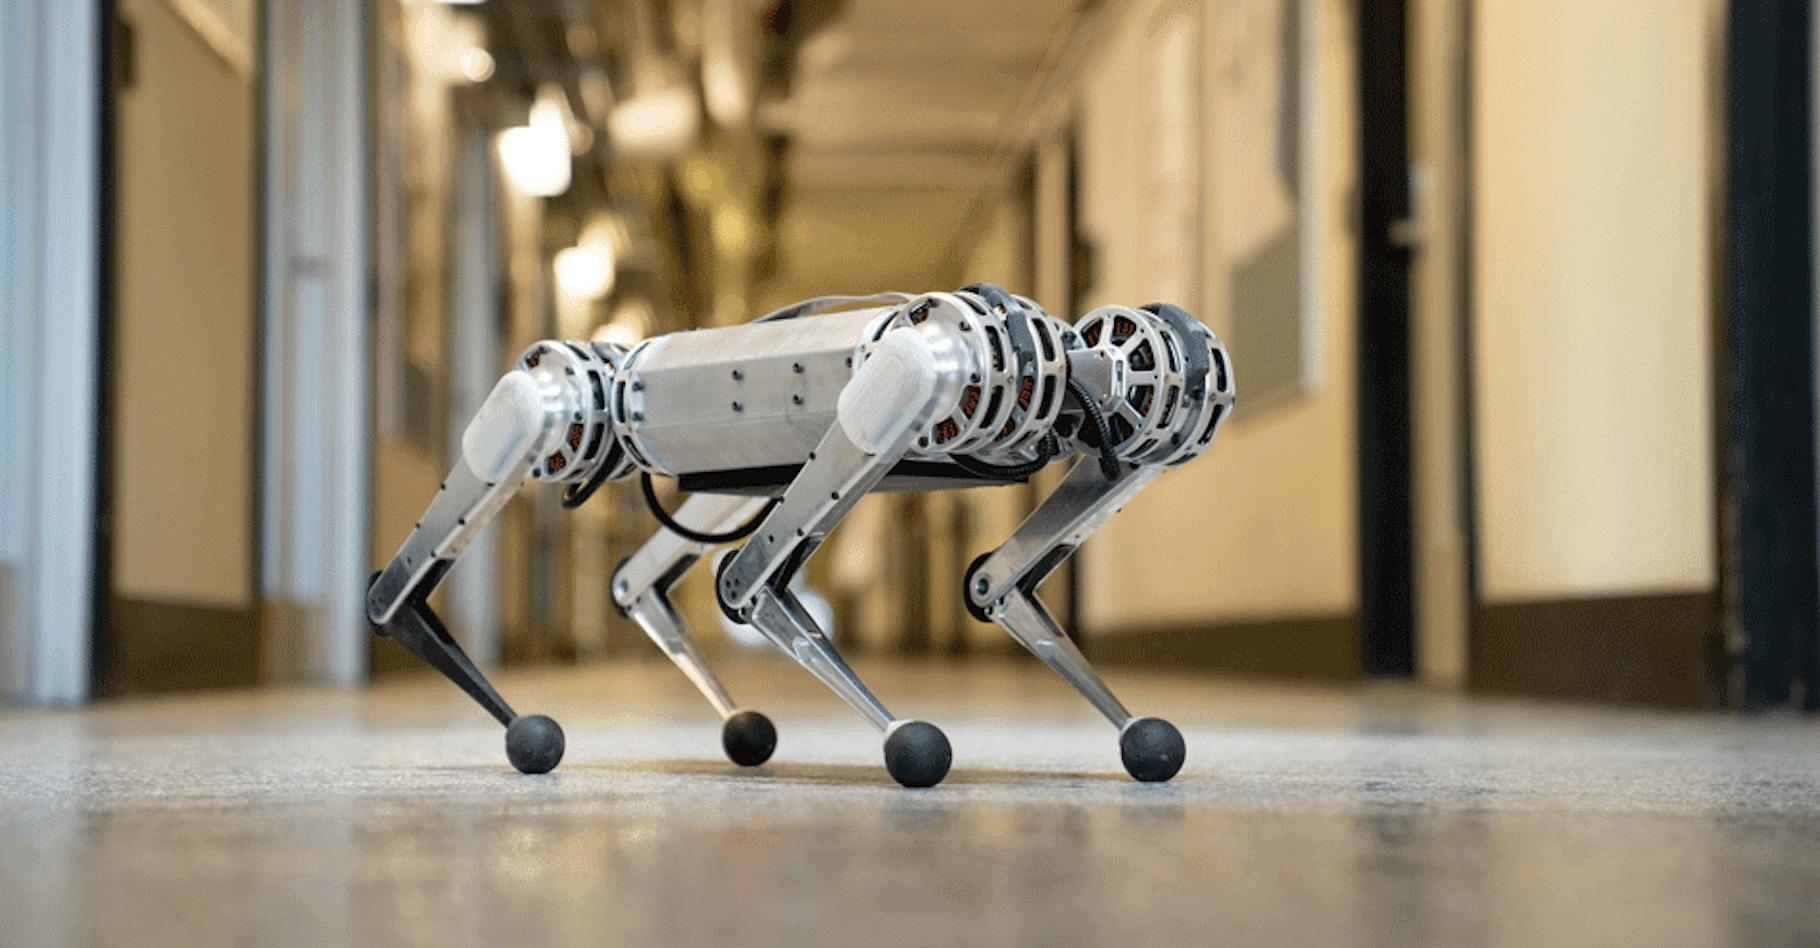 Le robot mini Cheetah, mis au point par des ingénieurs du MIT (Massachusetts Institute of Technology), montre une fois de plus son agilité en jouant au foot avec des coéquipiers, eux-mêmes robots, sur les pelouses de l'université. © Bryce Vickmark, MIT